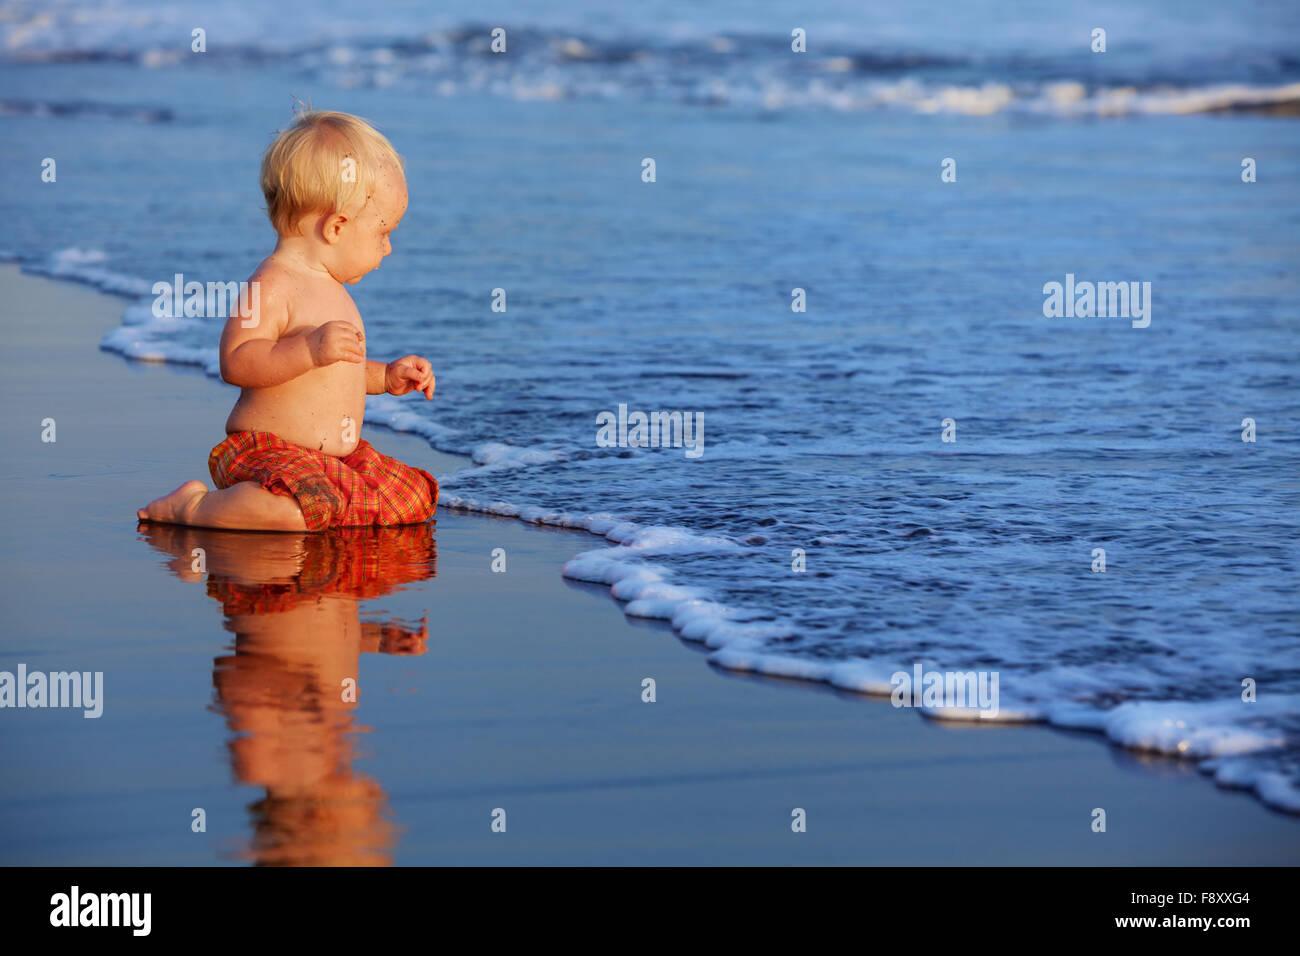 Am Sonnenuntergang Strand lustige Baby sitzen auf schwarzen nassen Sand und Meer Surfen zum Schwimmen in Wellen Stockbild